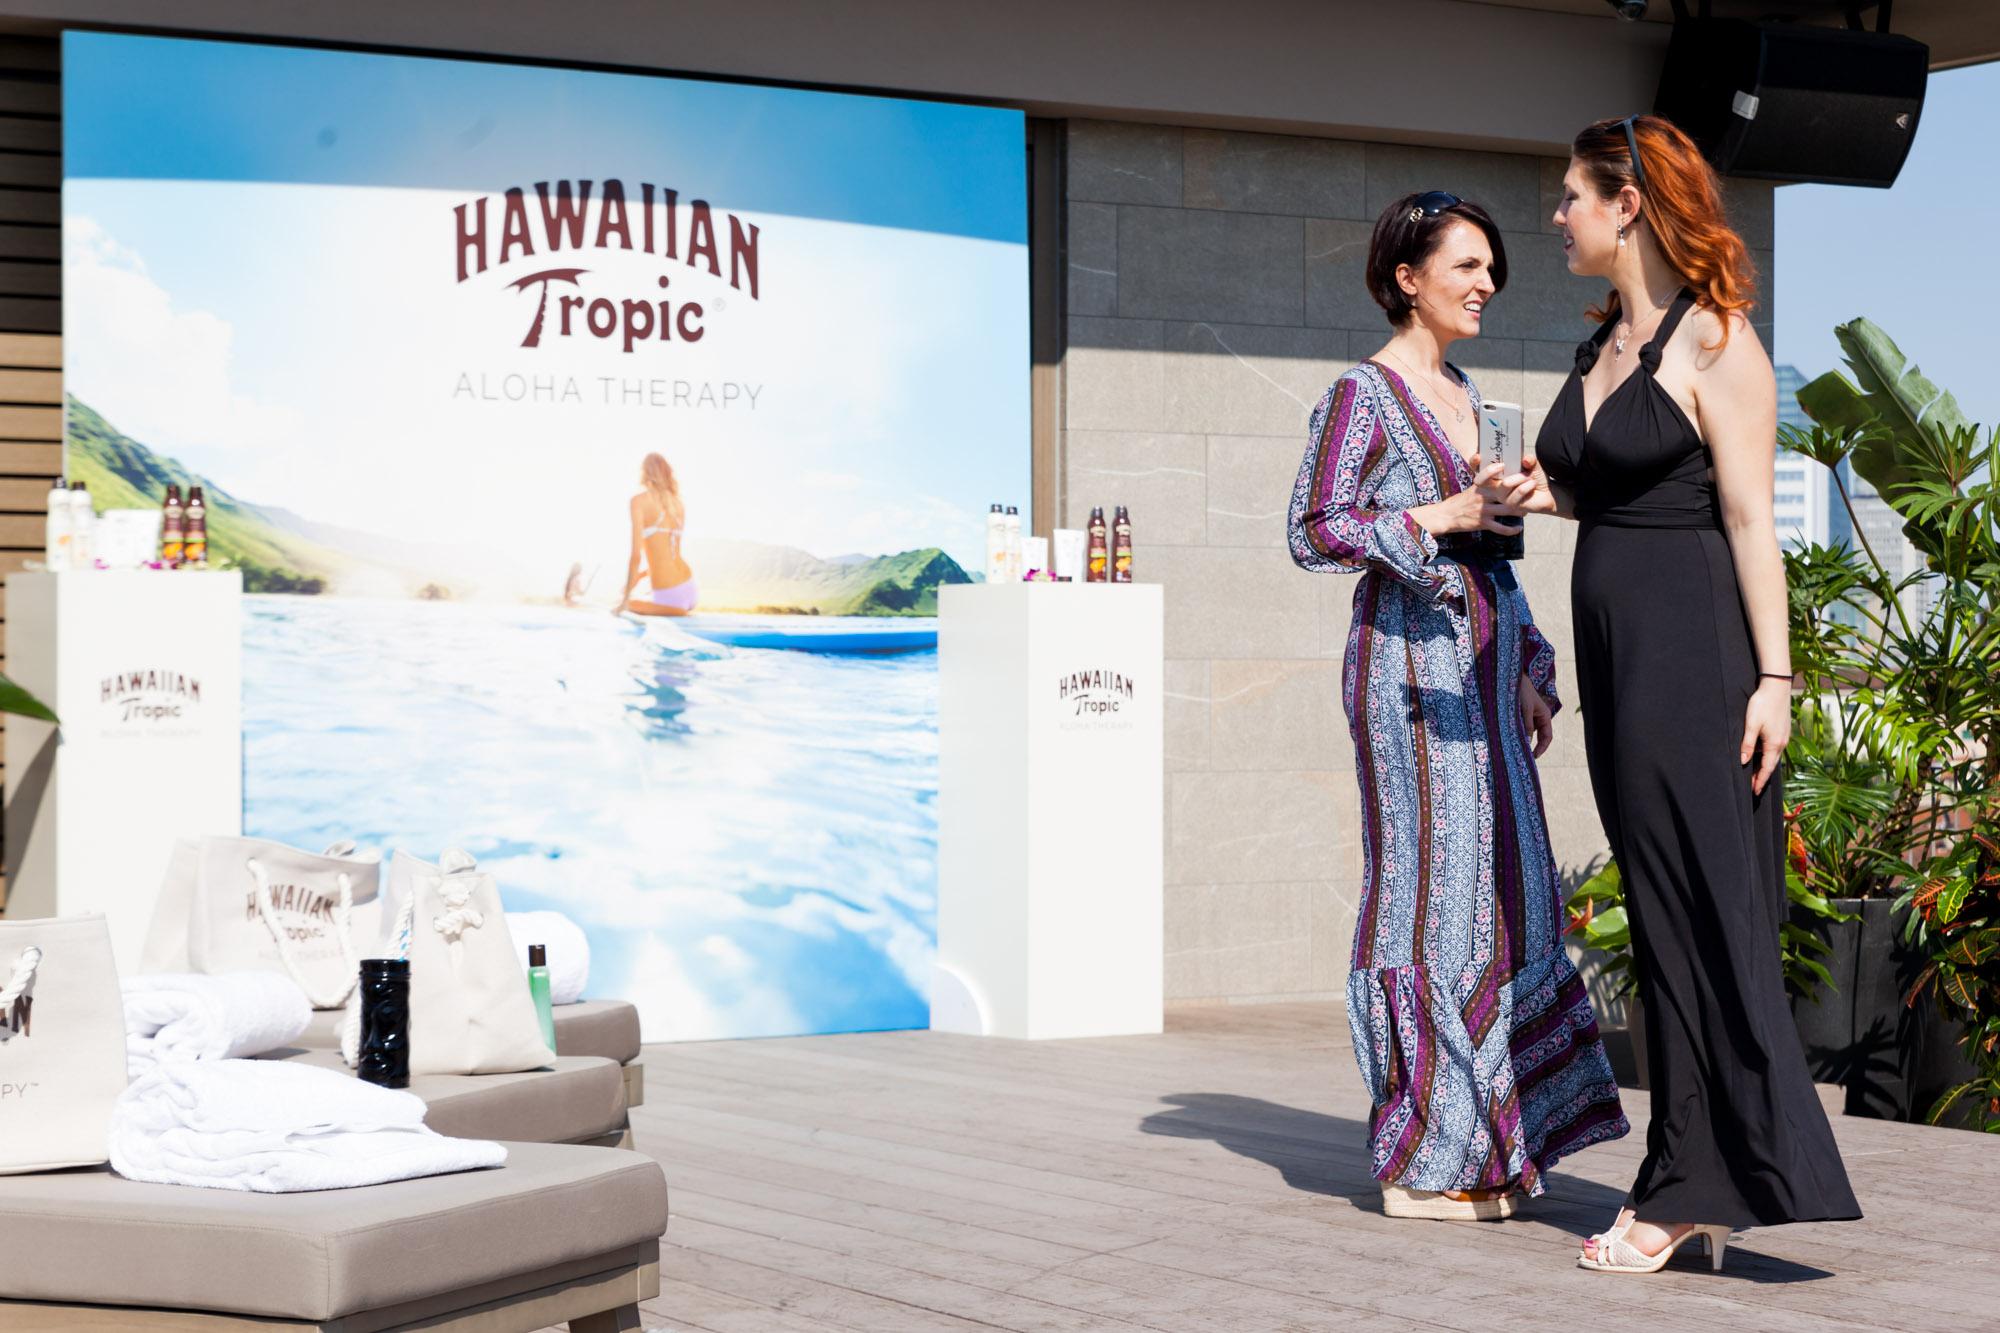 Aloha therapy: protezione solare profumata con i solari di Hawaian tropic